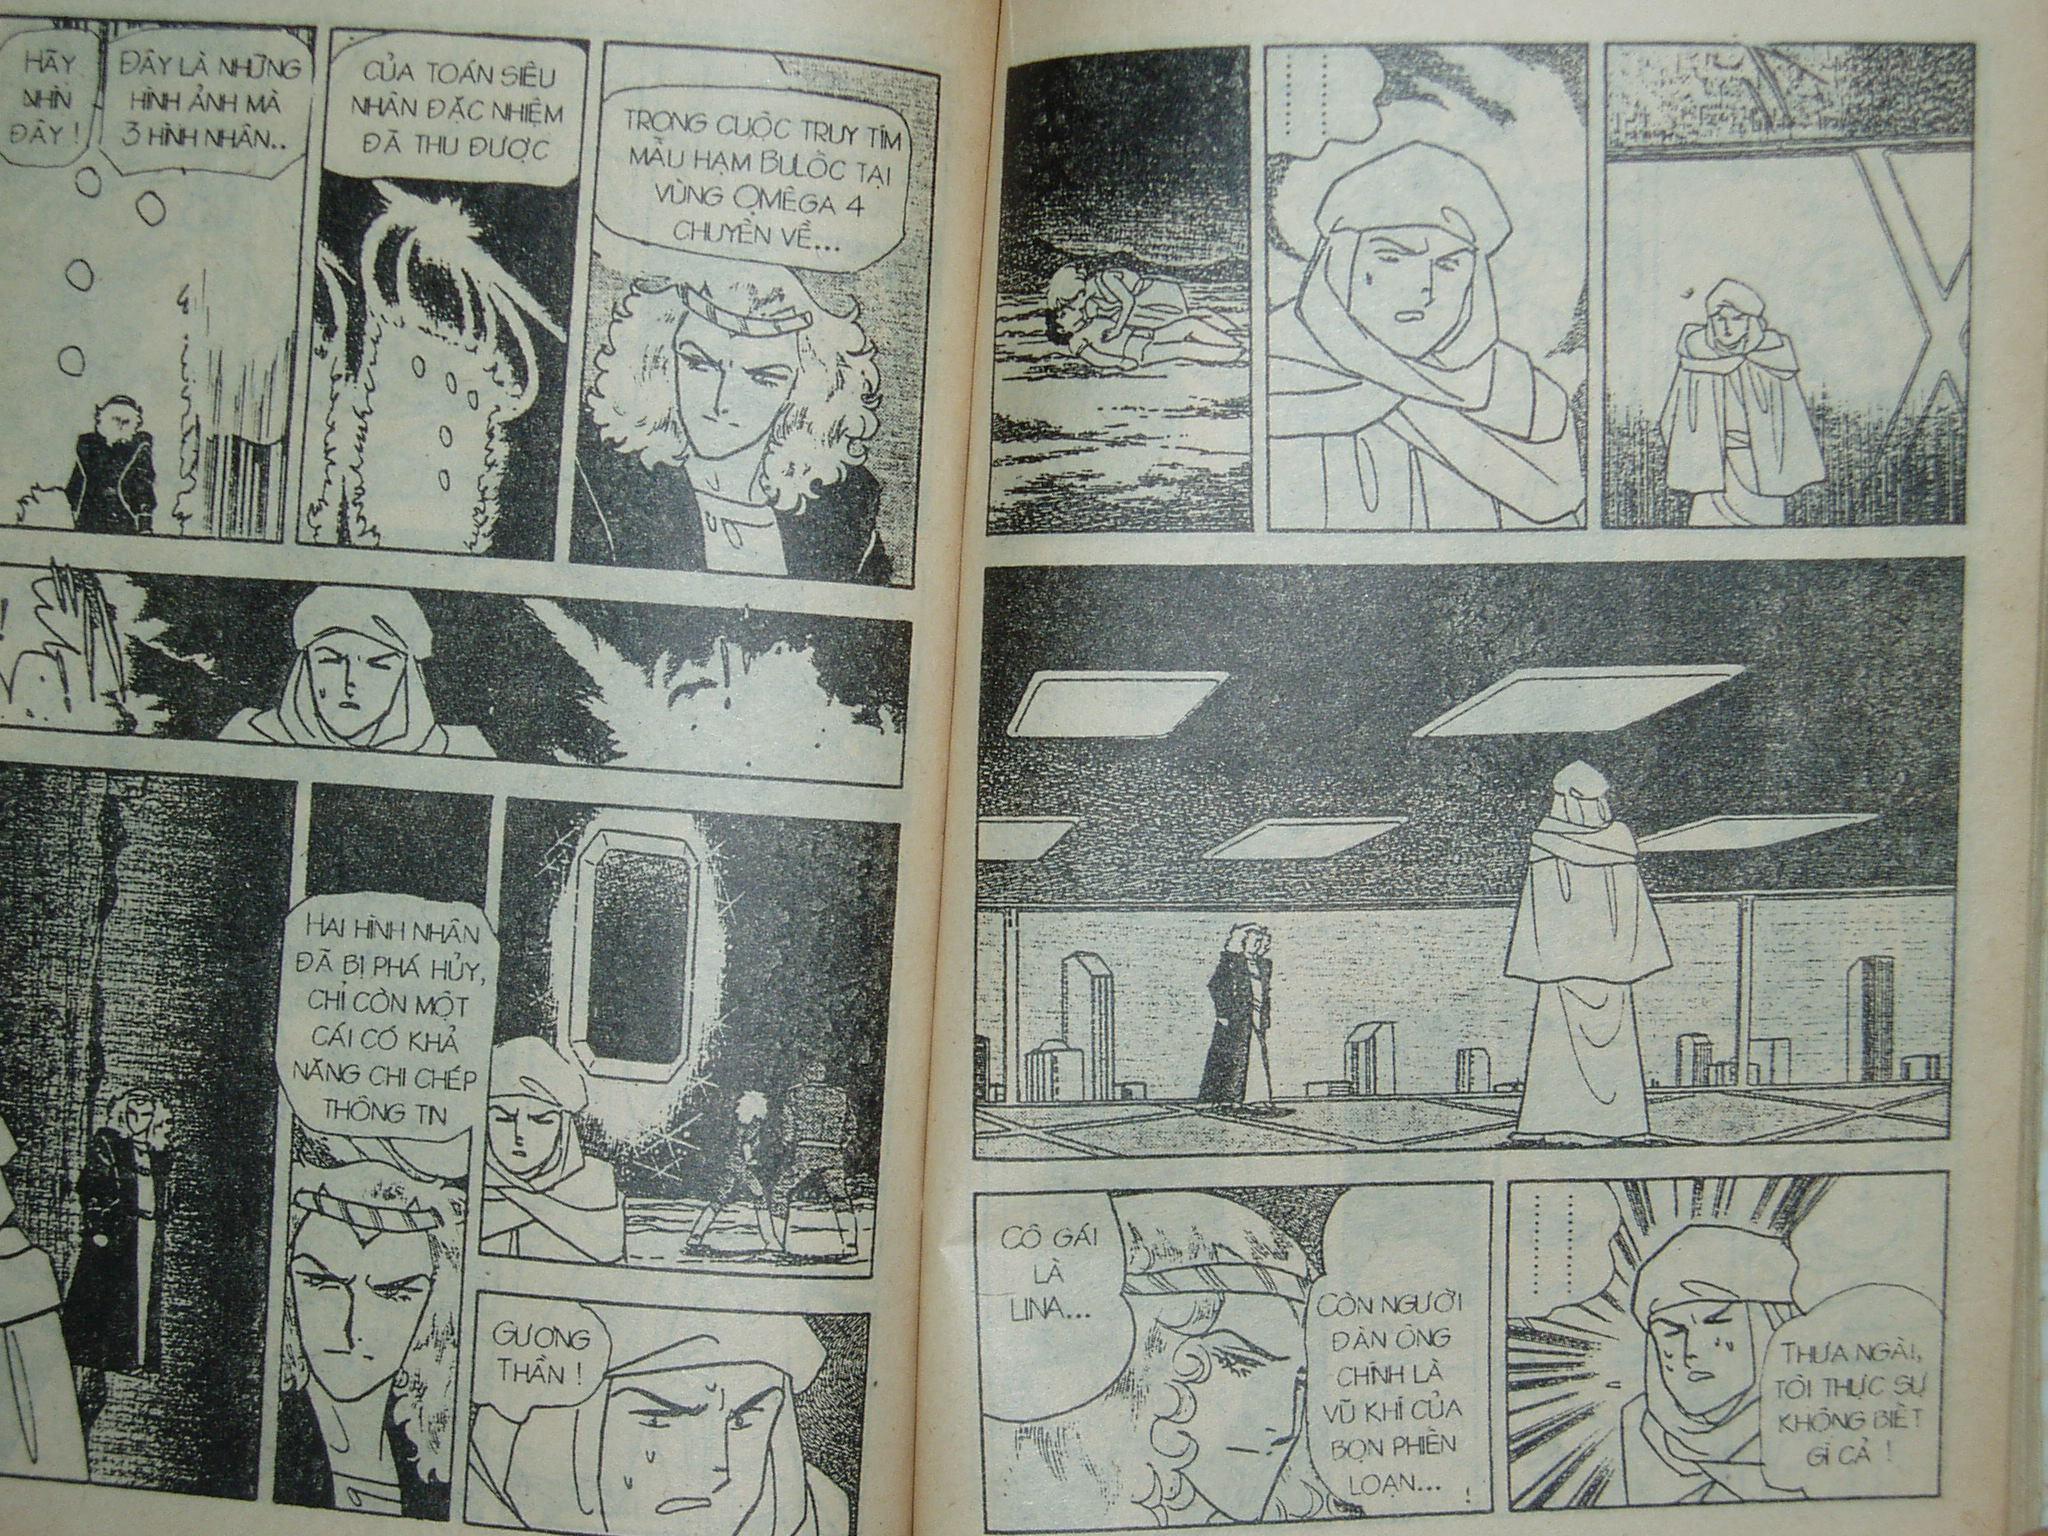 Siêu nhân Locke vol 17 trang 54